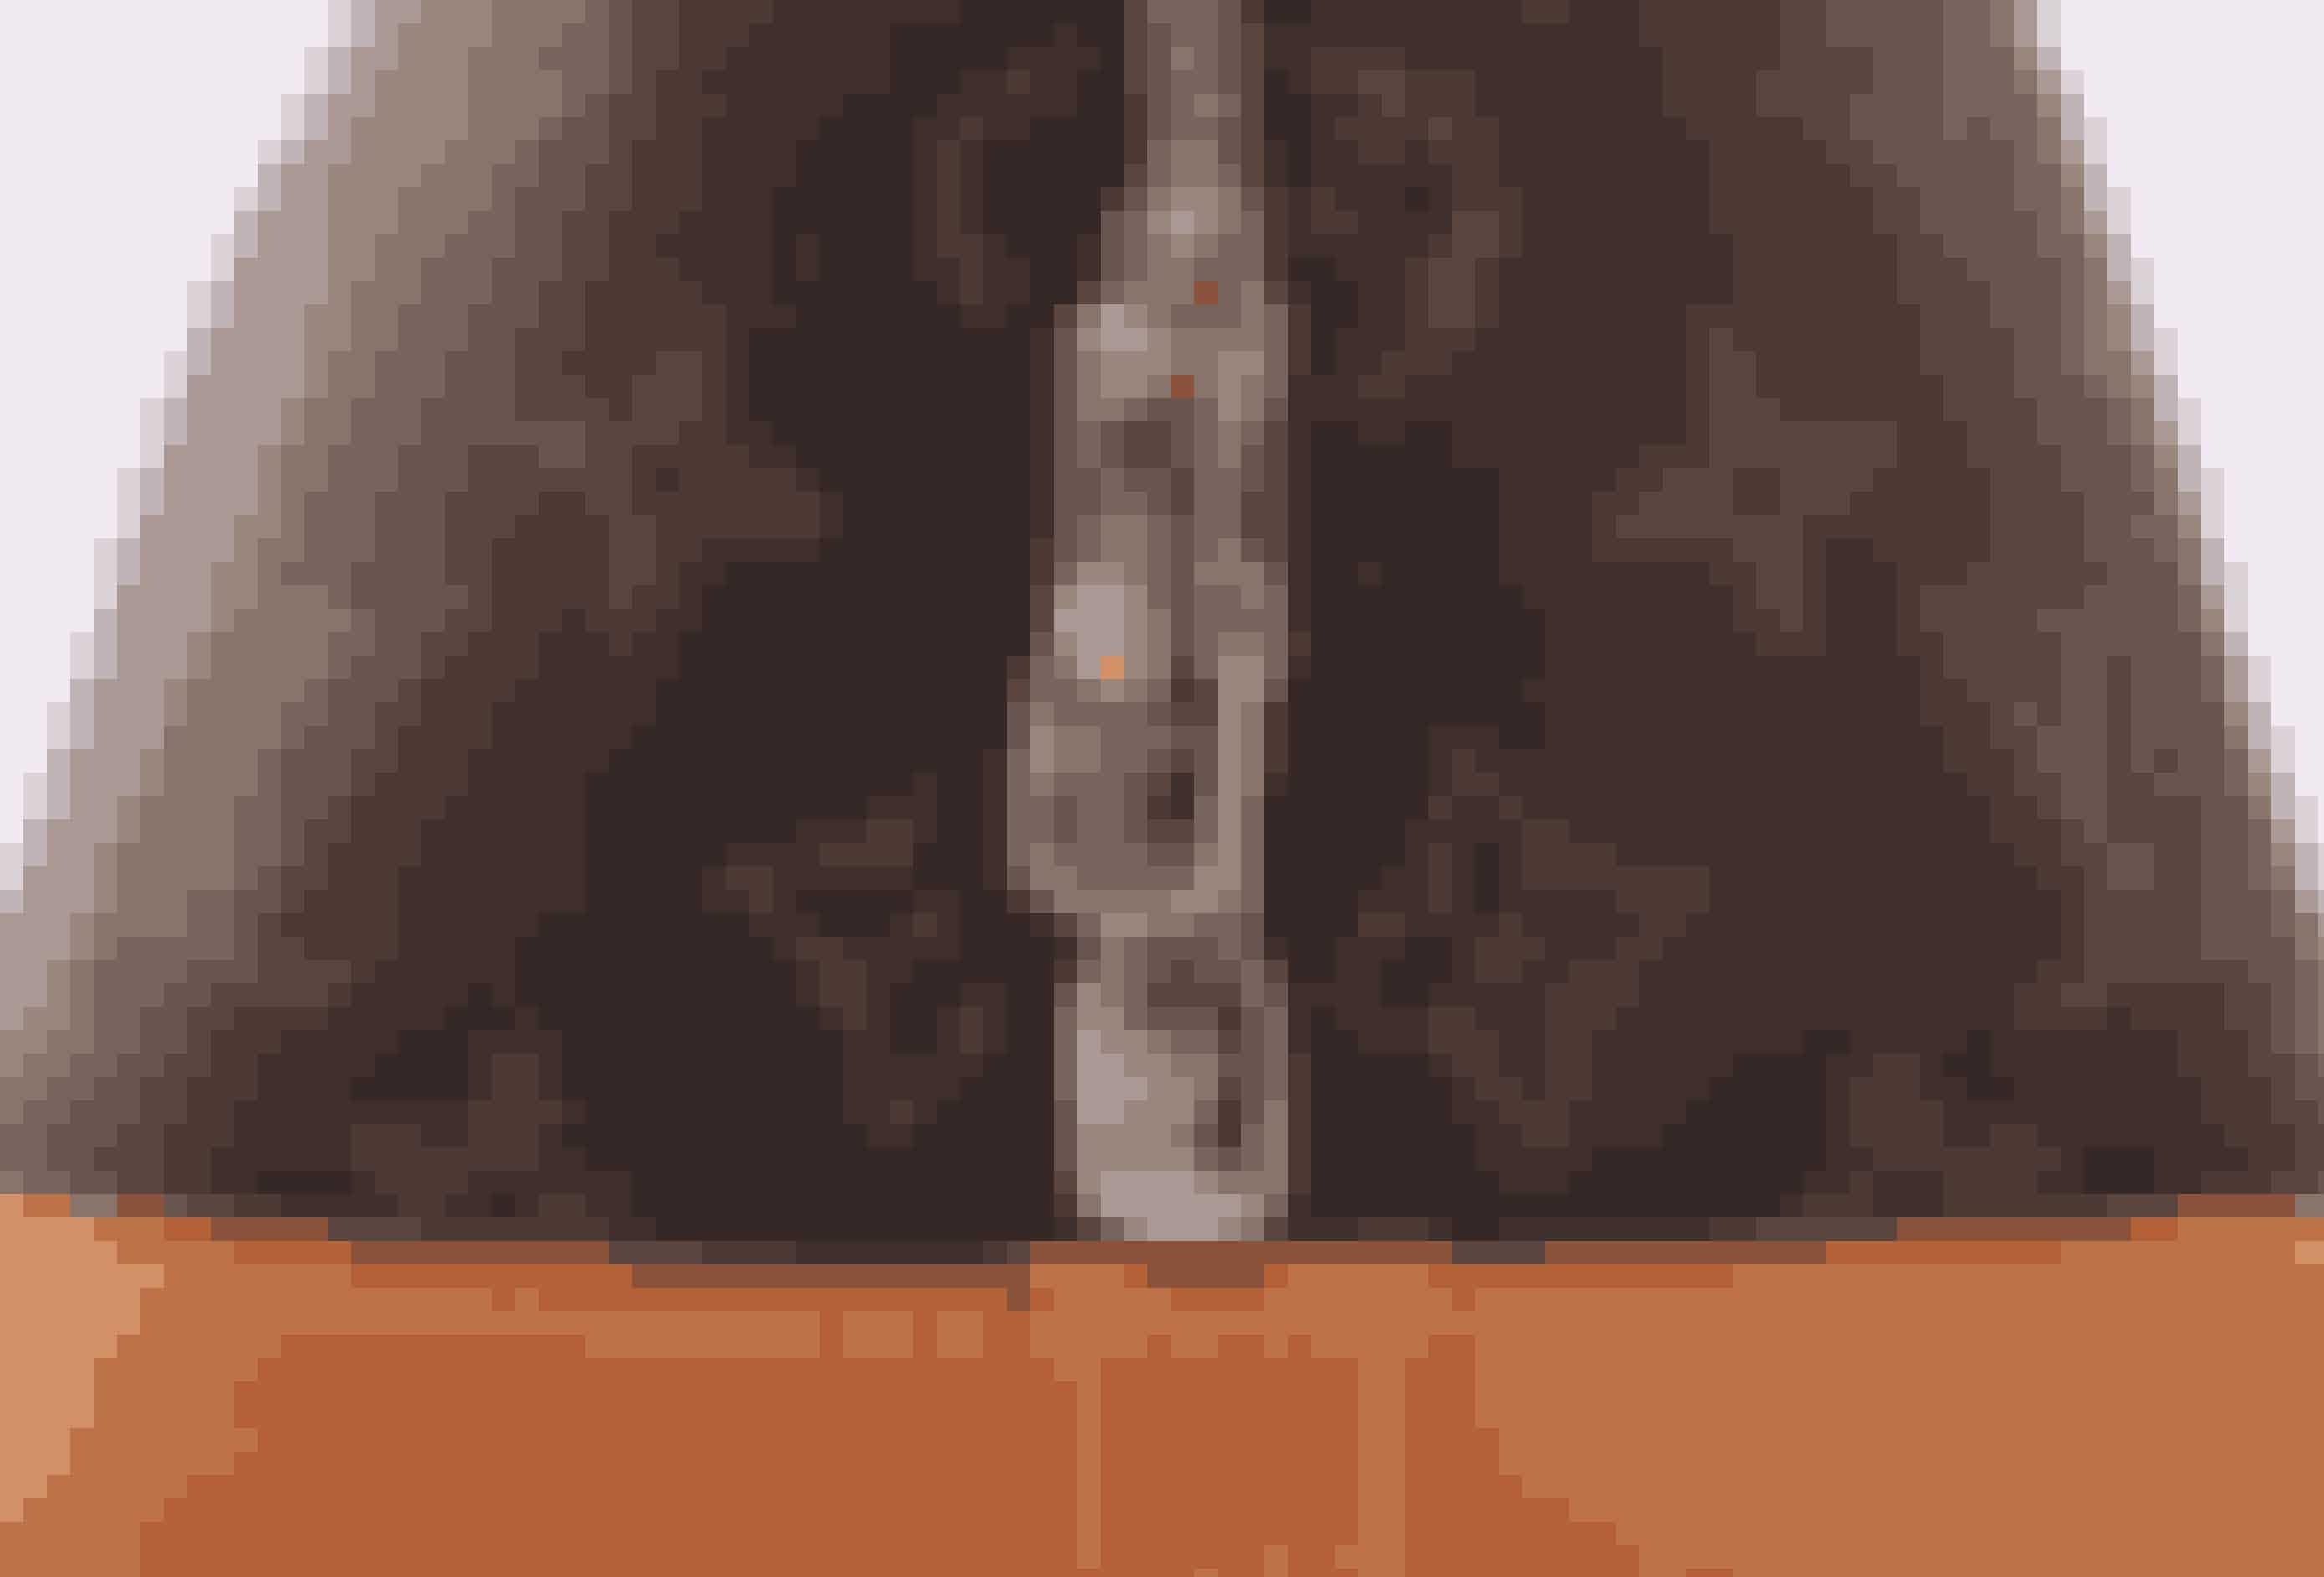 Lynlåse skal åbne og lukke gnidningsløst hvilket afspejler kvaliteten.